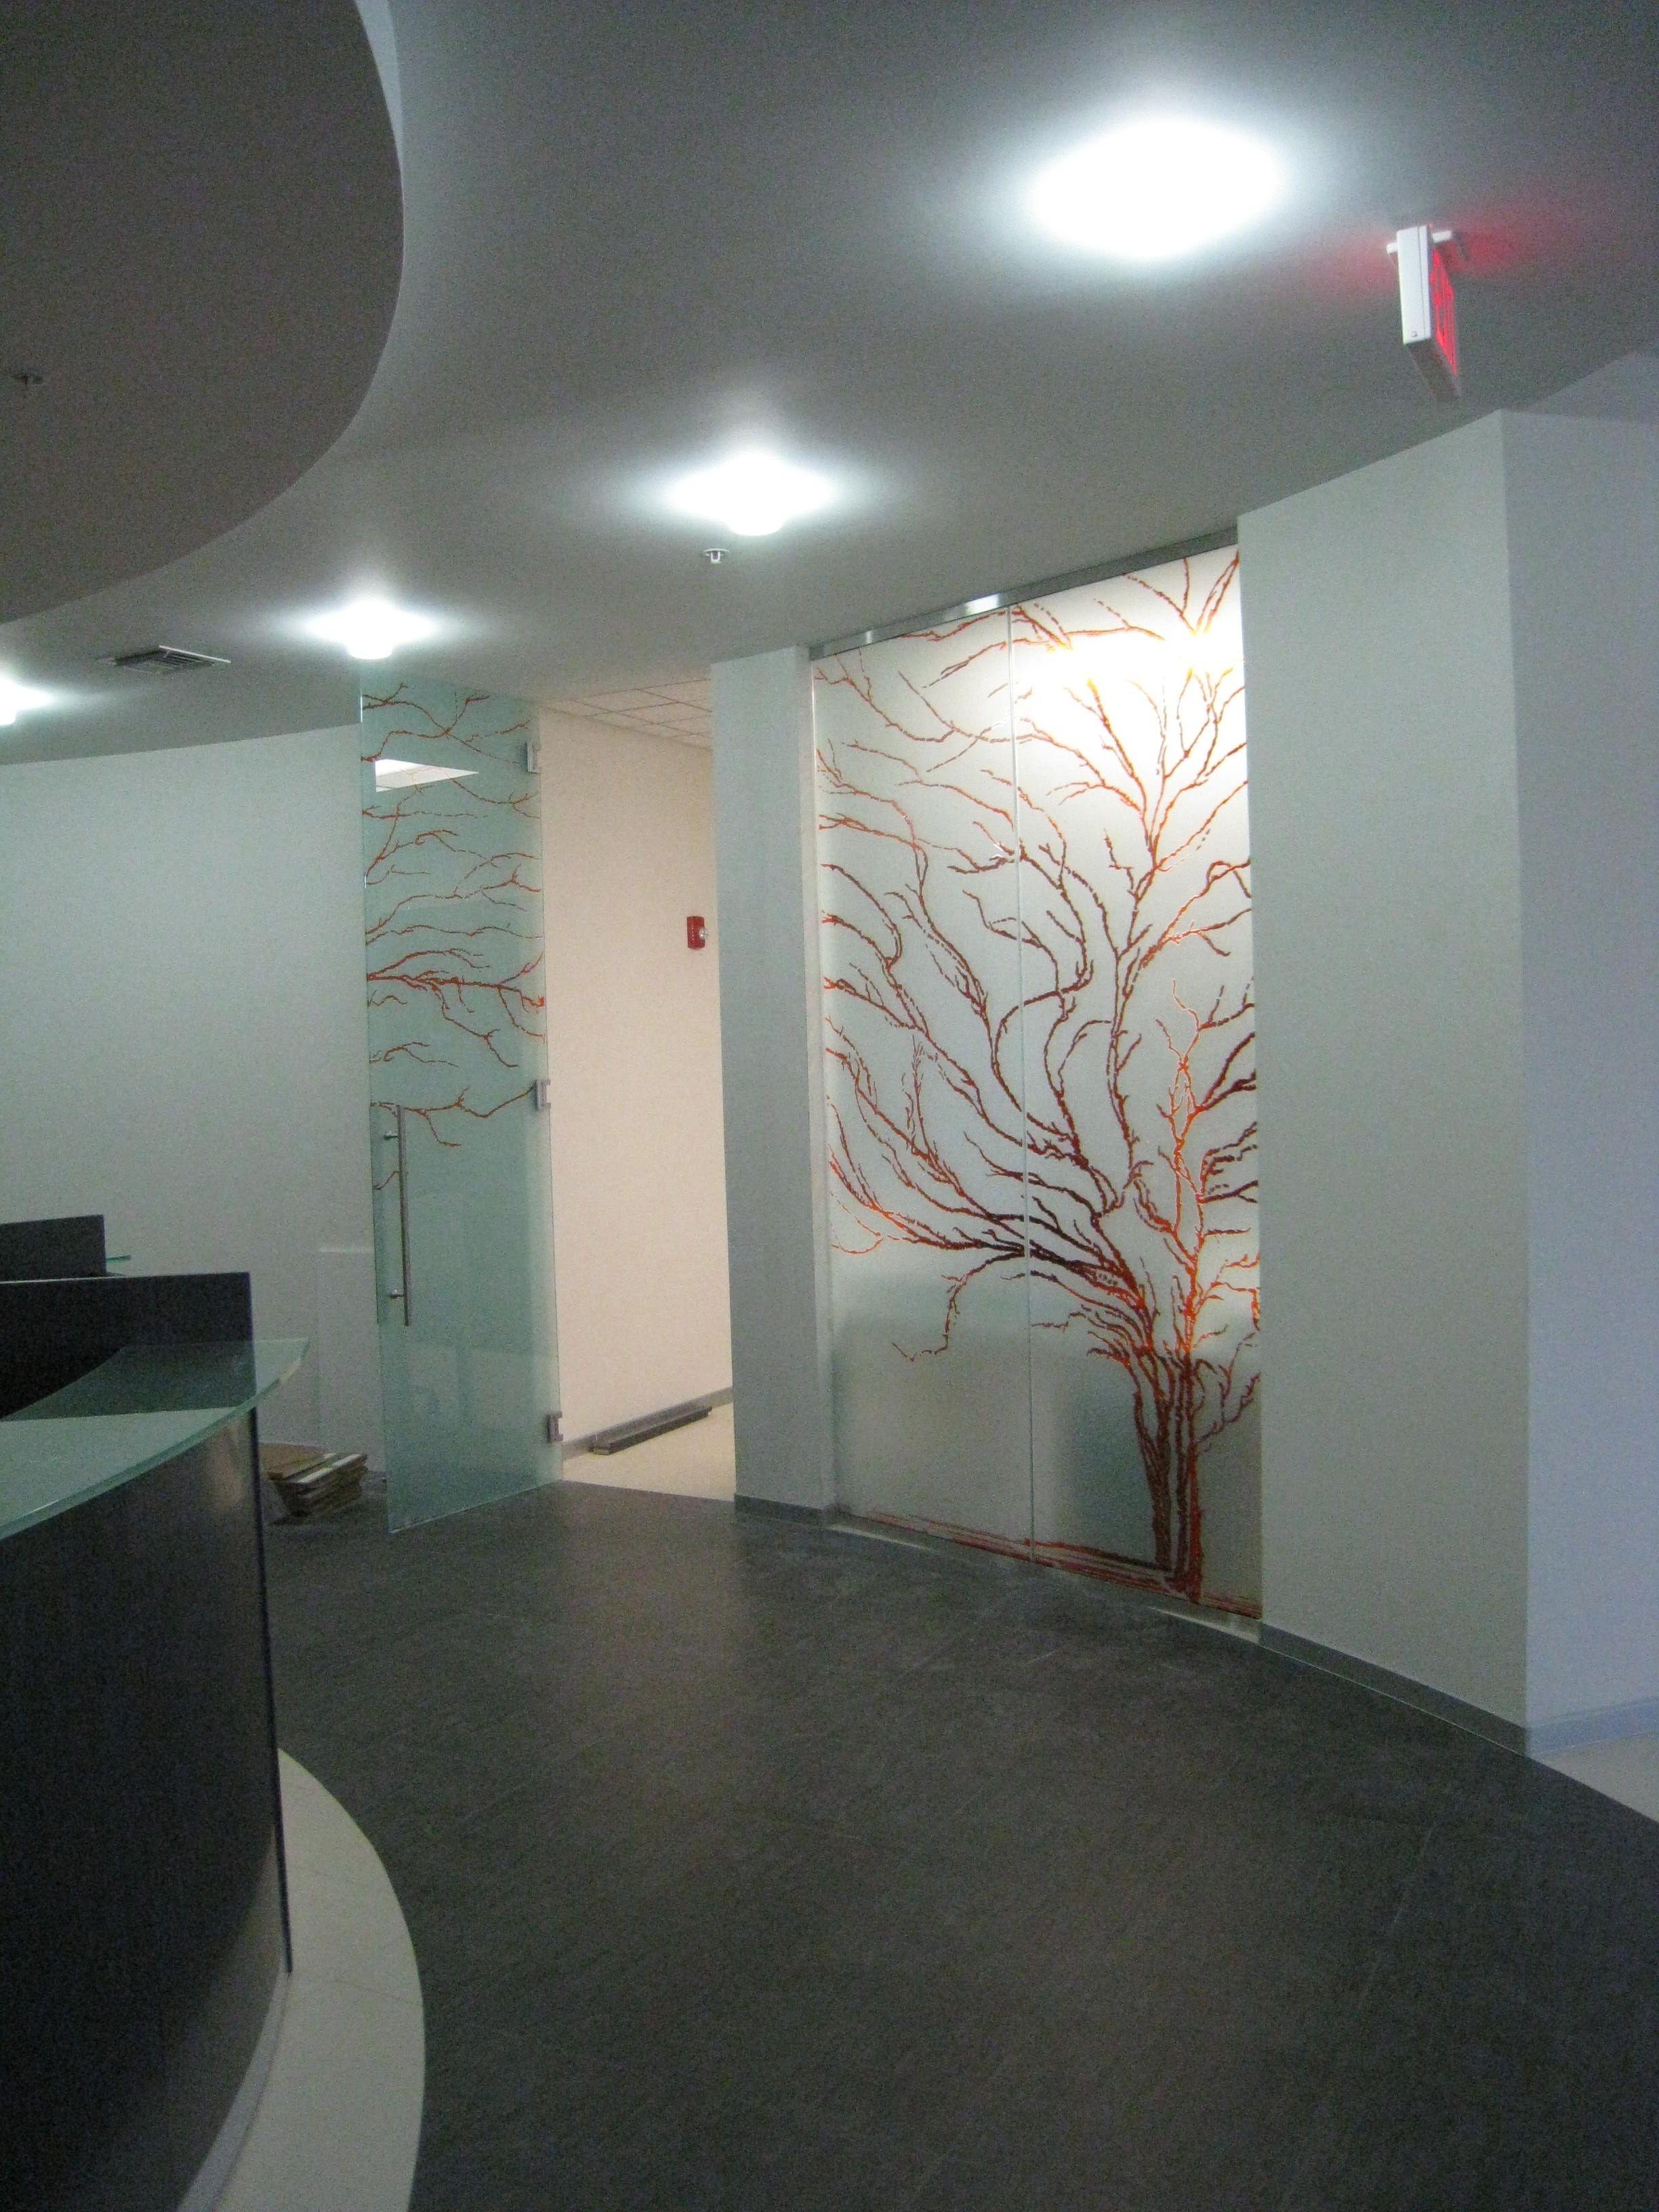 casali porte in vetro, sabbiata e incisa, modello albero @casaliav ... - Porte In Vetro Scorrevoli Per Interni Casali